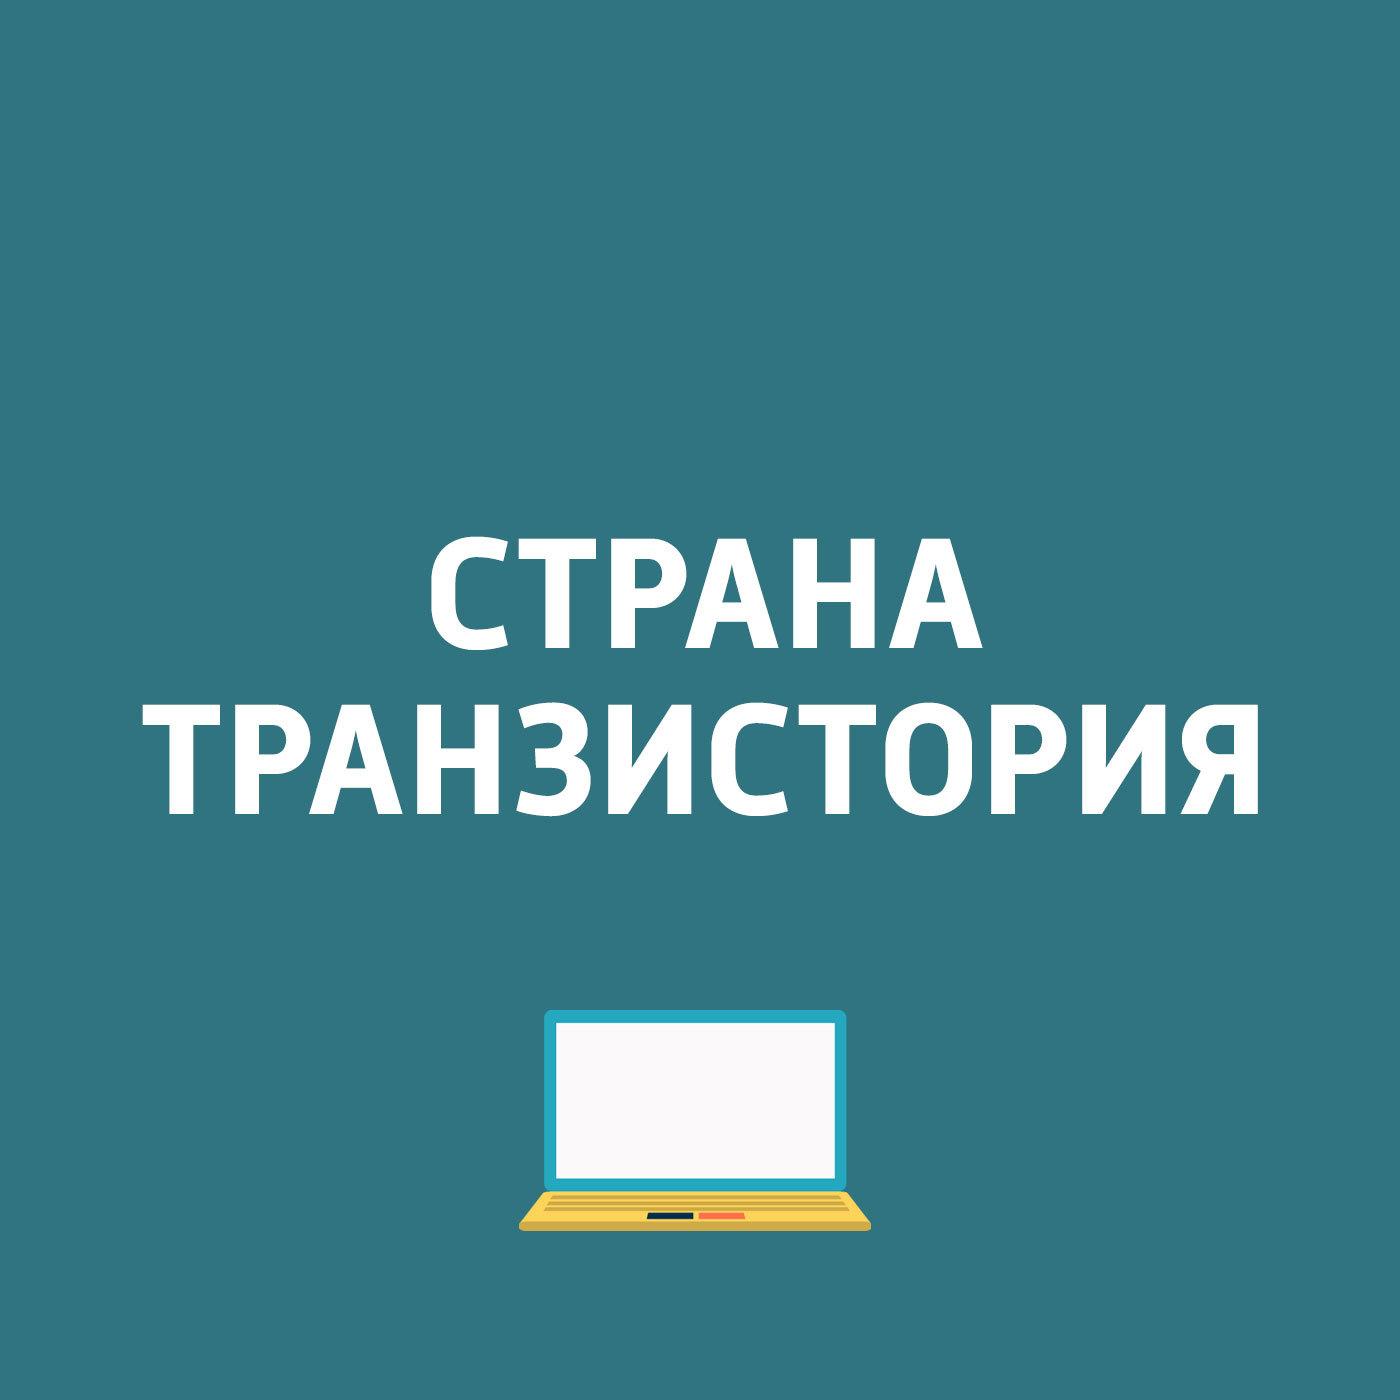 Картаев Павел LG G5 SE; Meizu MX6; Обновление iOS 9; Windows 10 по подписке... картаев павел meizu m5 девять российских банков начали работать с apple pay